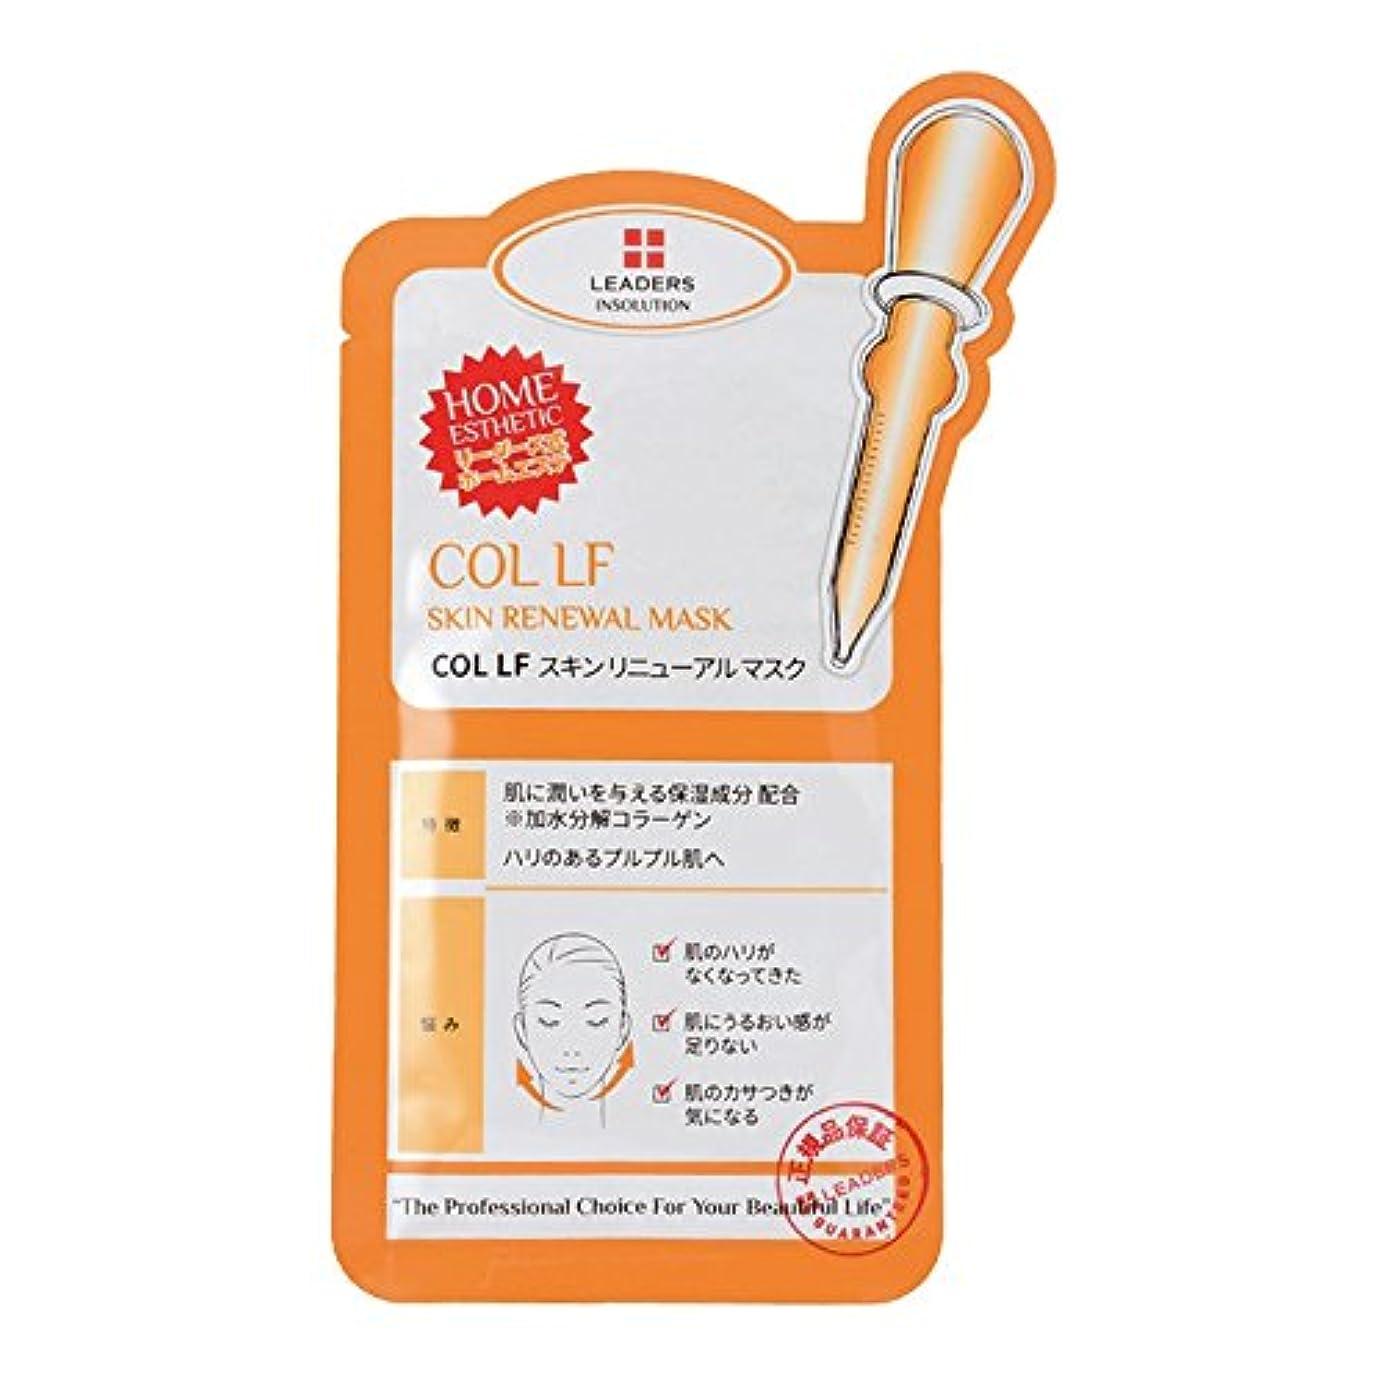 パッケージ矢あらゆる種類の日本限定版 国内正規品 LEADERS リーダース コラーゲンリフティング スキンリニュアル マスク 1枚 25ml ハリ ツヤ エイジングケア